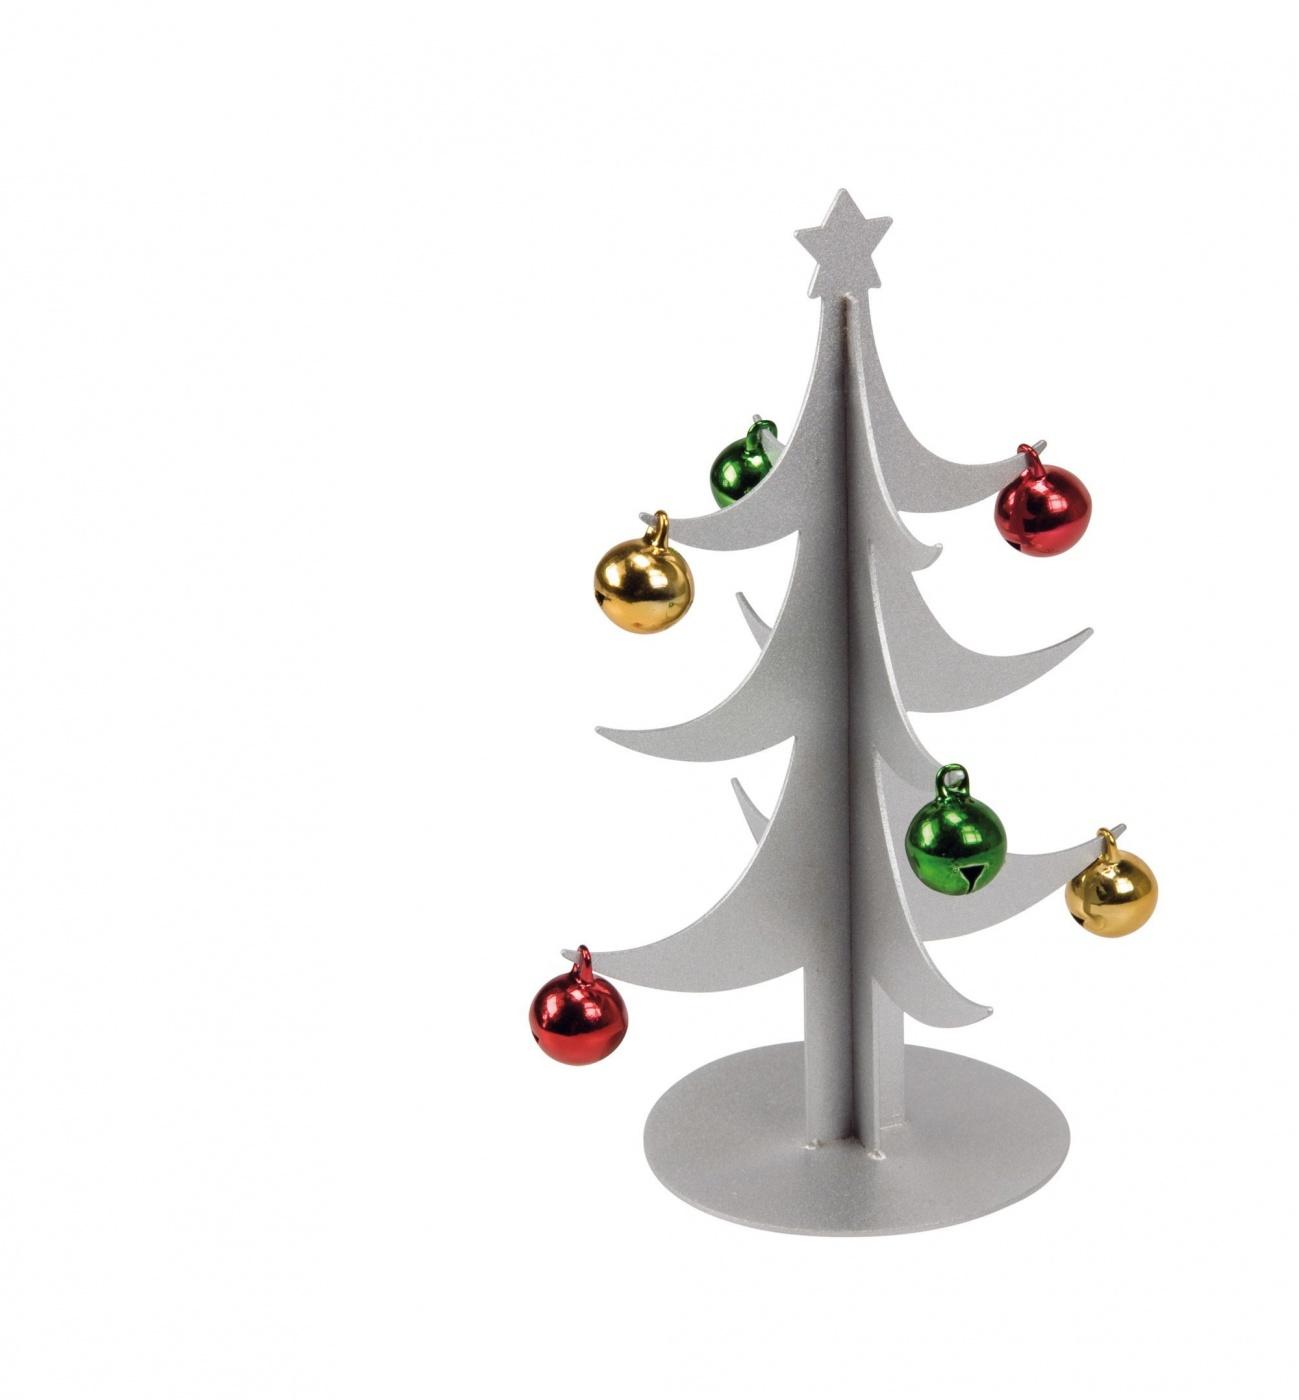 miniatur deko weihnachtsbaum aus metall mit farbigen. Black Bedroom Furniture Sets. Home Design Ideas